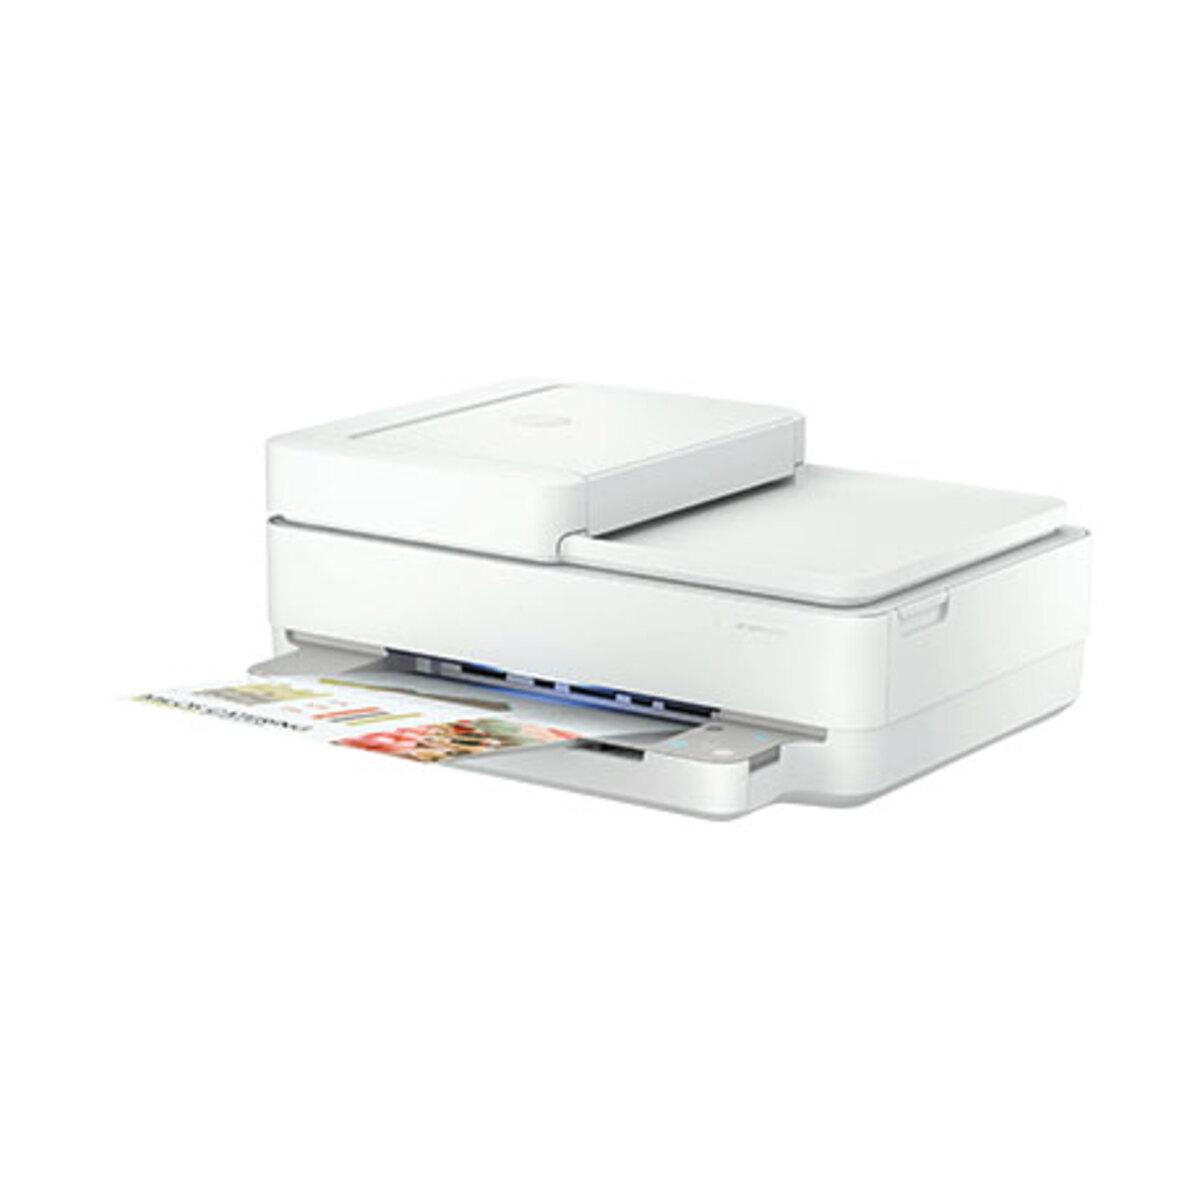 Bild 3 von HP ENVY 6430e All-in-One-Drucker